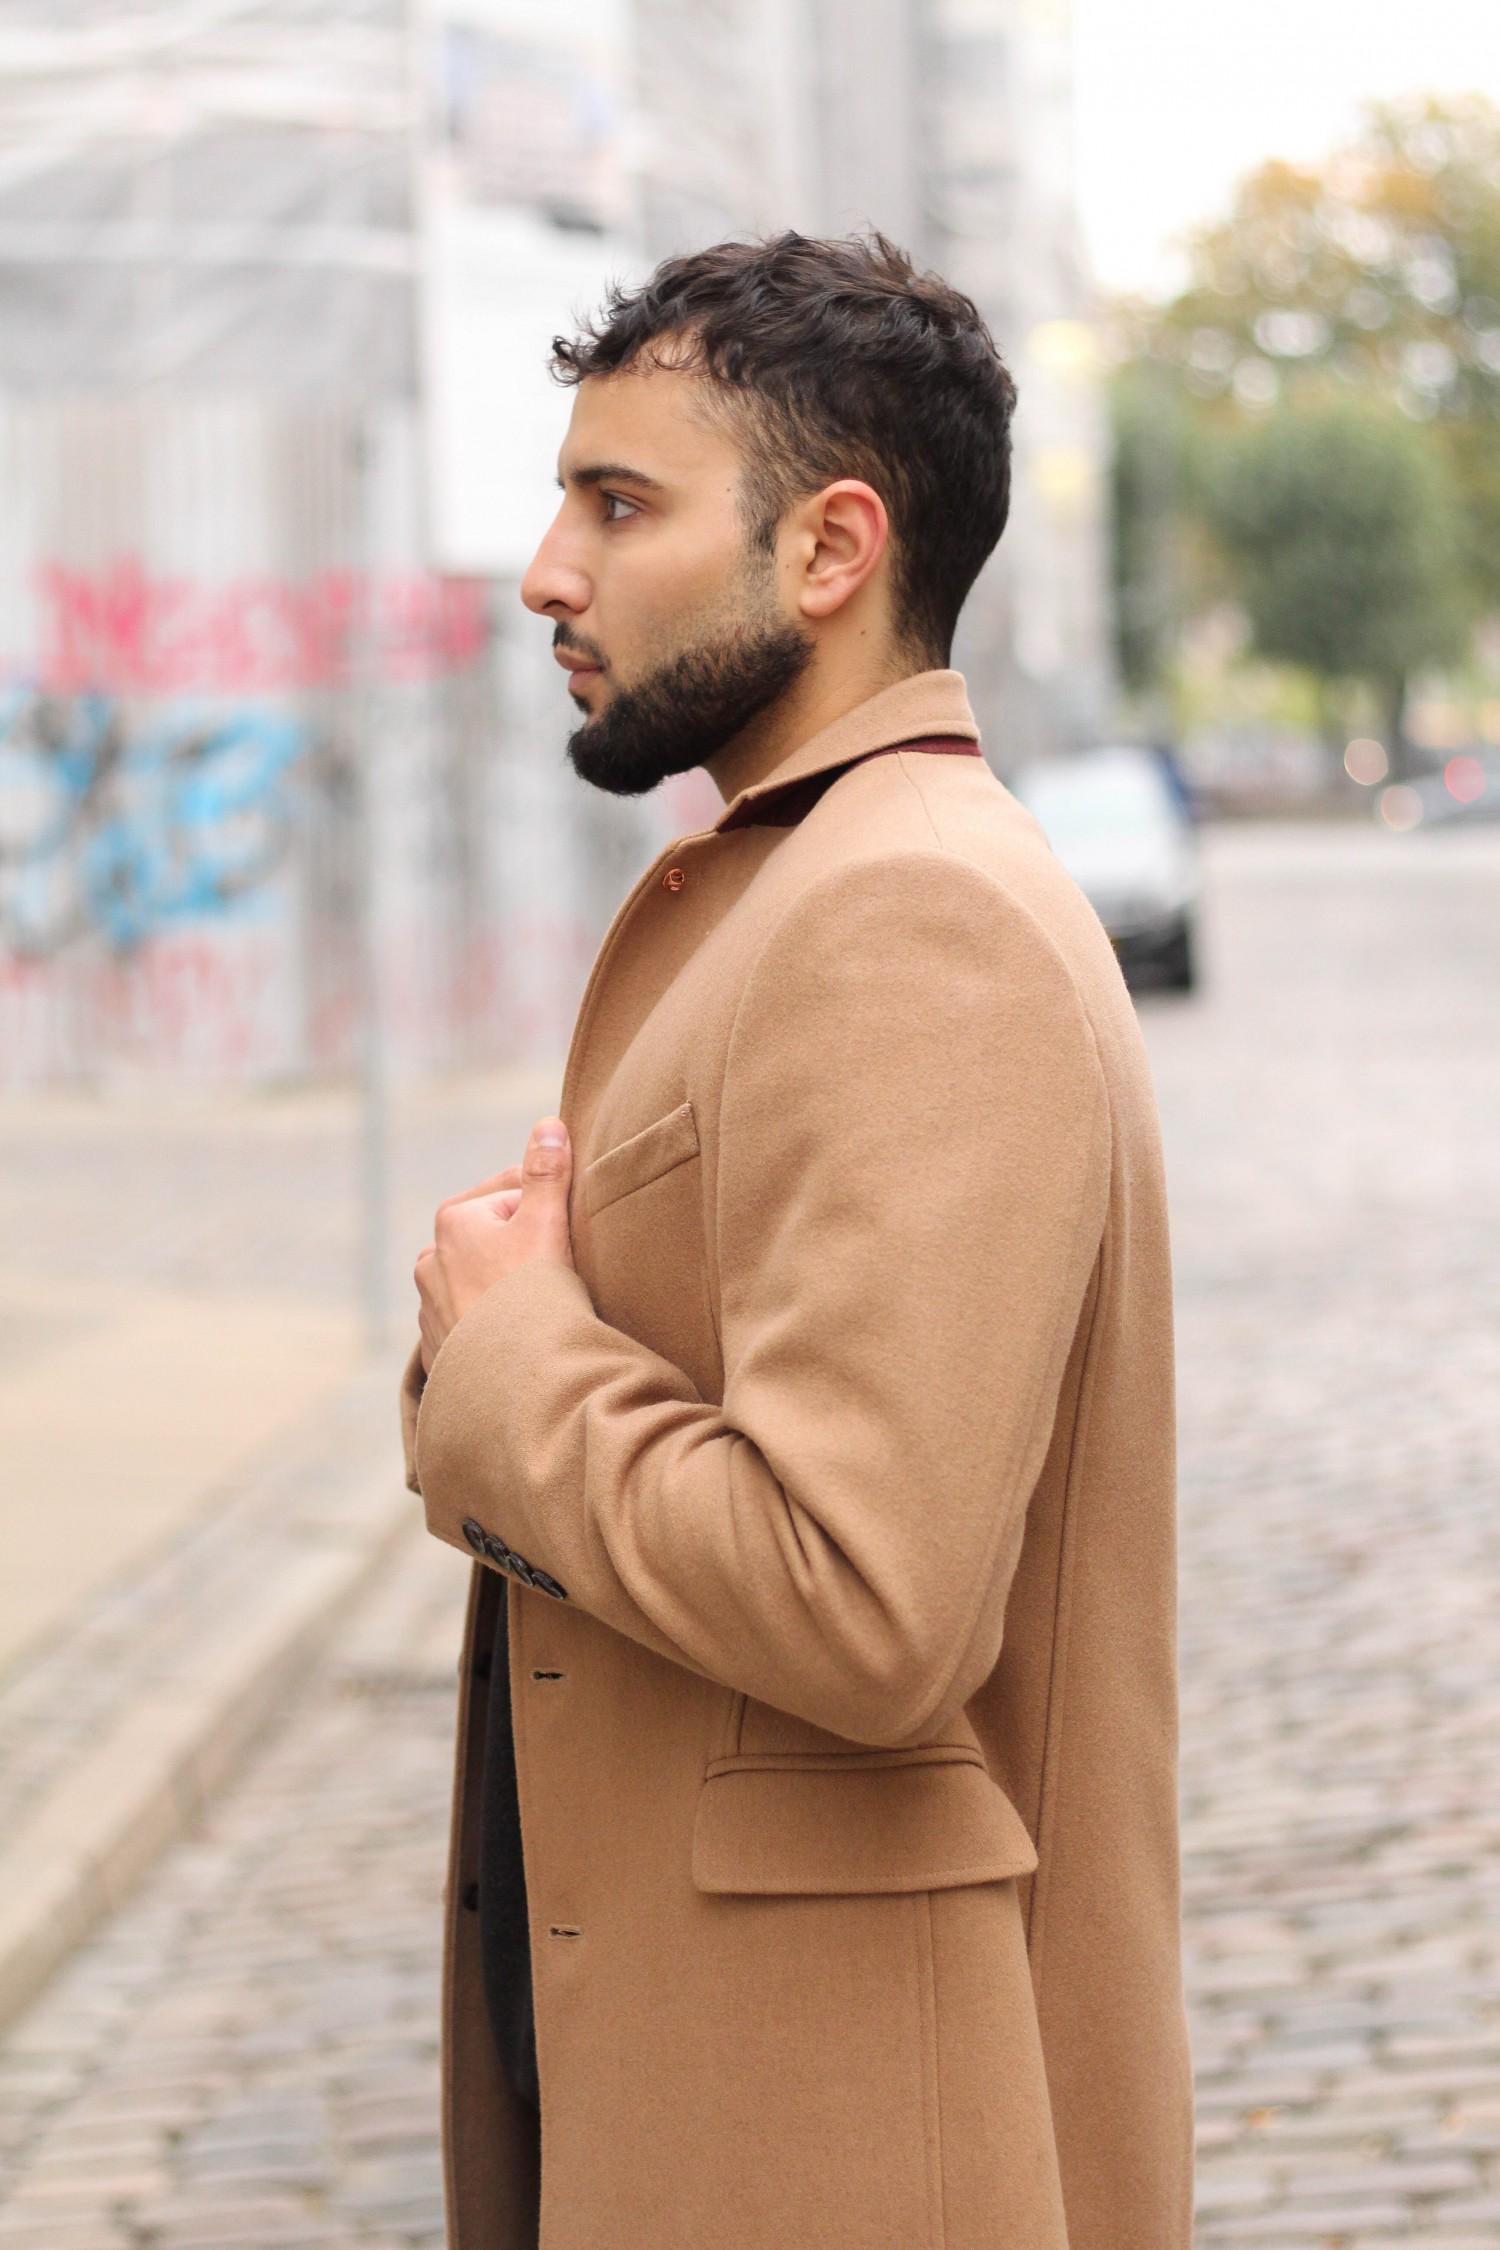 Mike Afsharian - minimum fashion - modeblogger - københavn mode- mandelig modeblogger